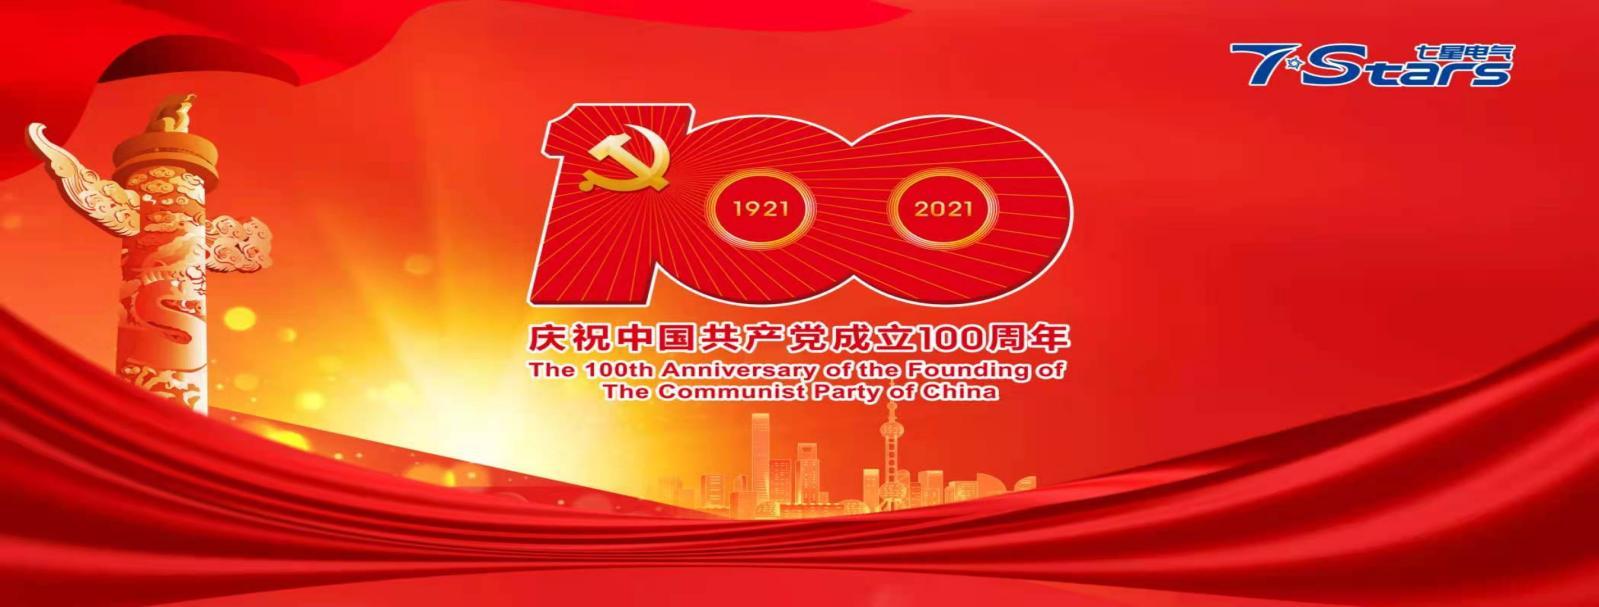 熱烈慶祝中國共產黨成立100周年